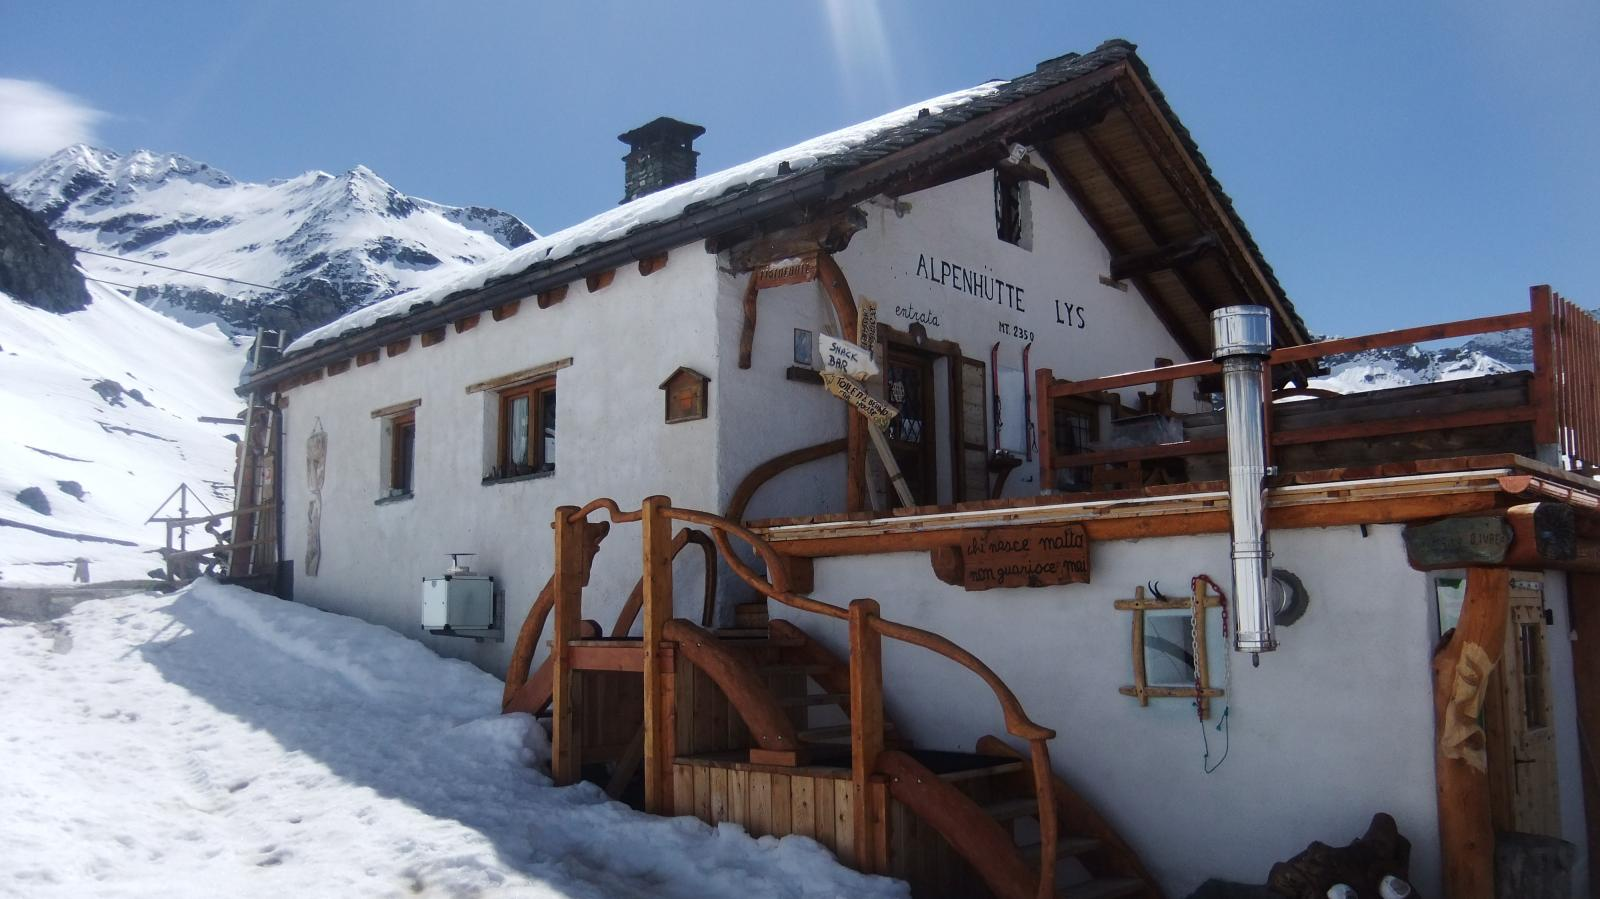 Alpenhutte Lys